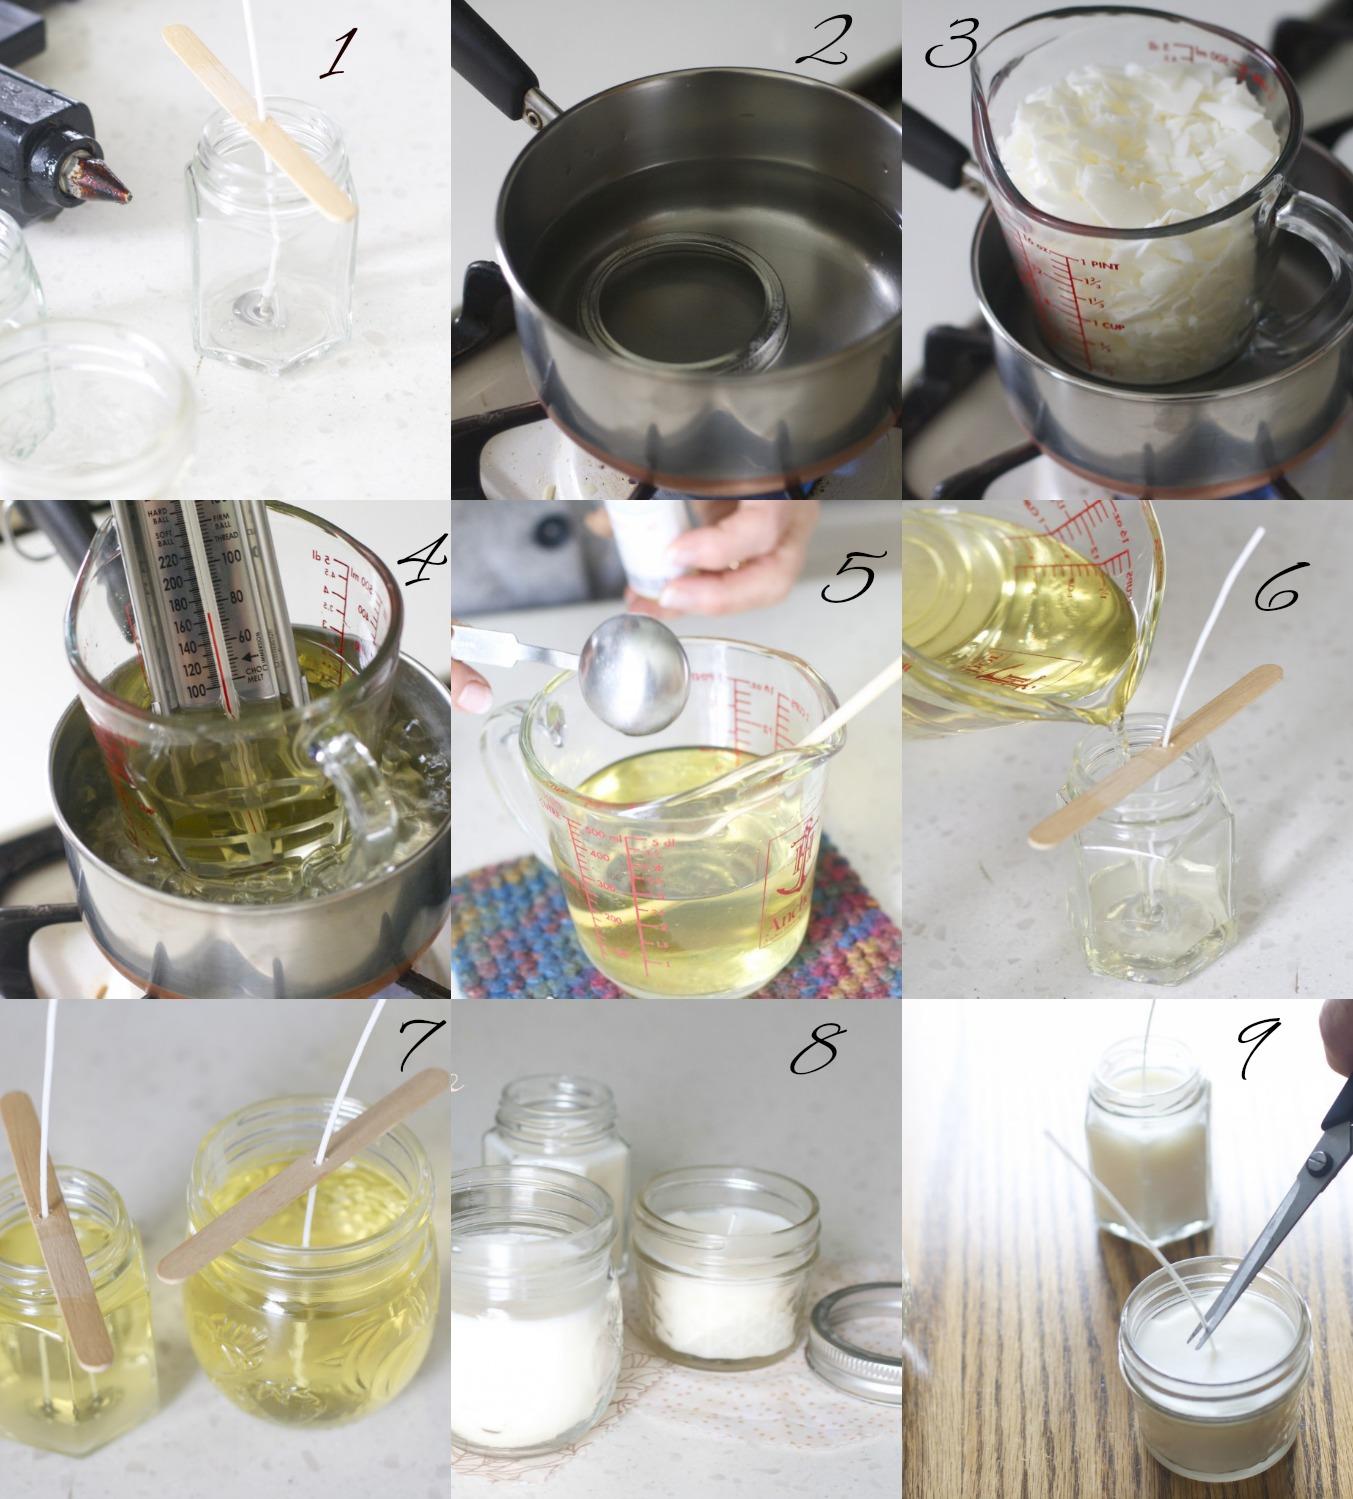 Una pizca de hogar tutorial para hacer velas caseras diy for Como fabricar velas caseras